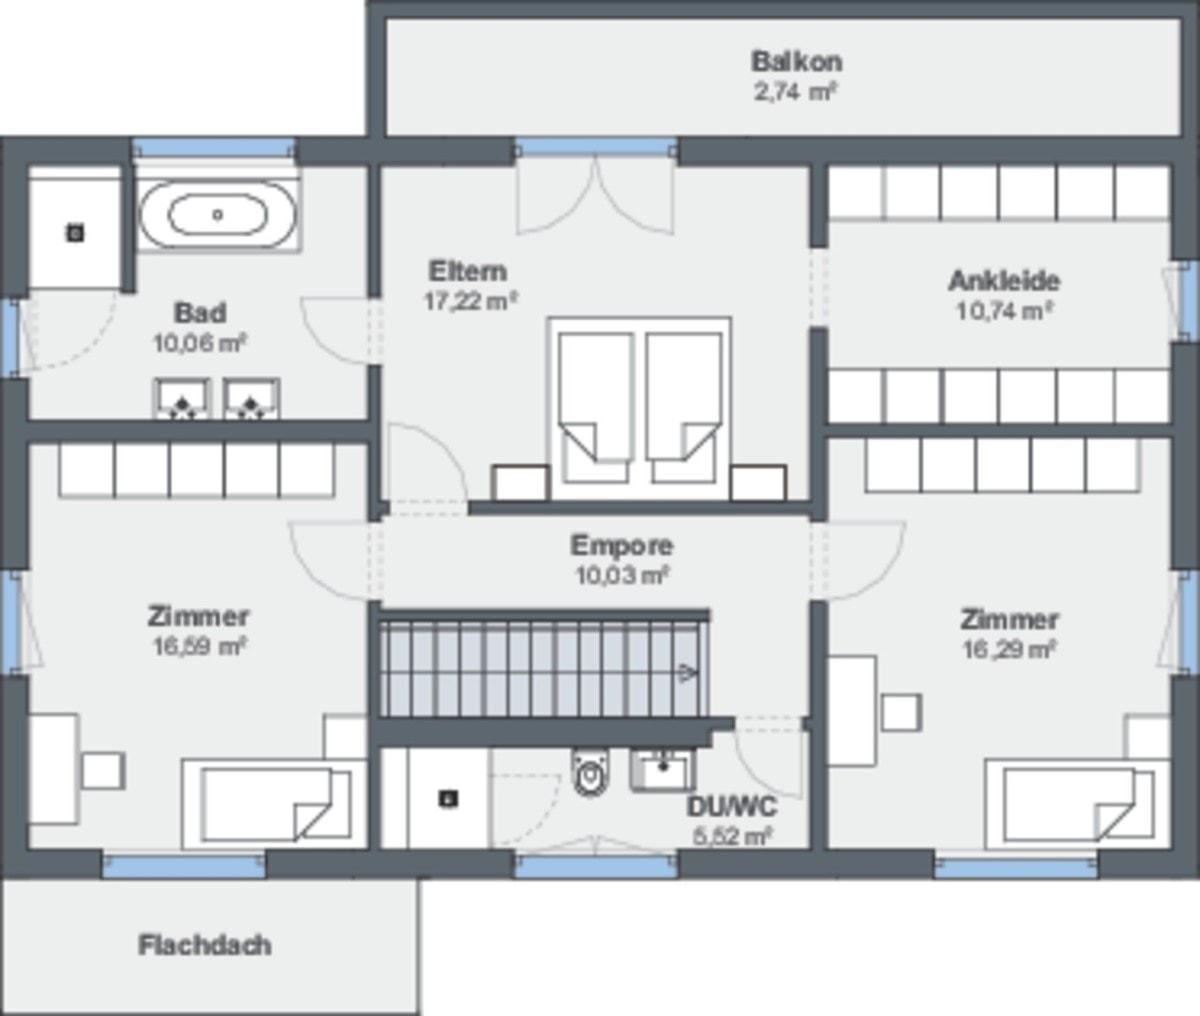 Einfamilienhaus Grundriss Obergeschoss mit Satteldach - Haus bauen Design Ideen WeberHaus Fertighaus Sunshine 310 - HausbauDirekt.de